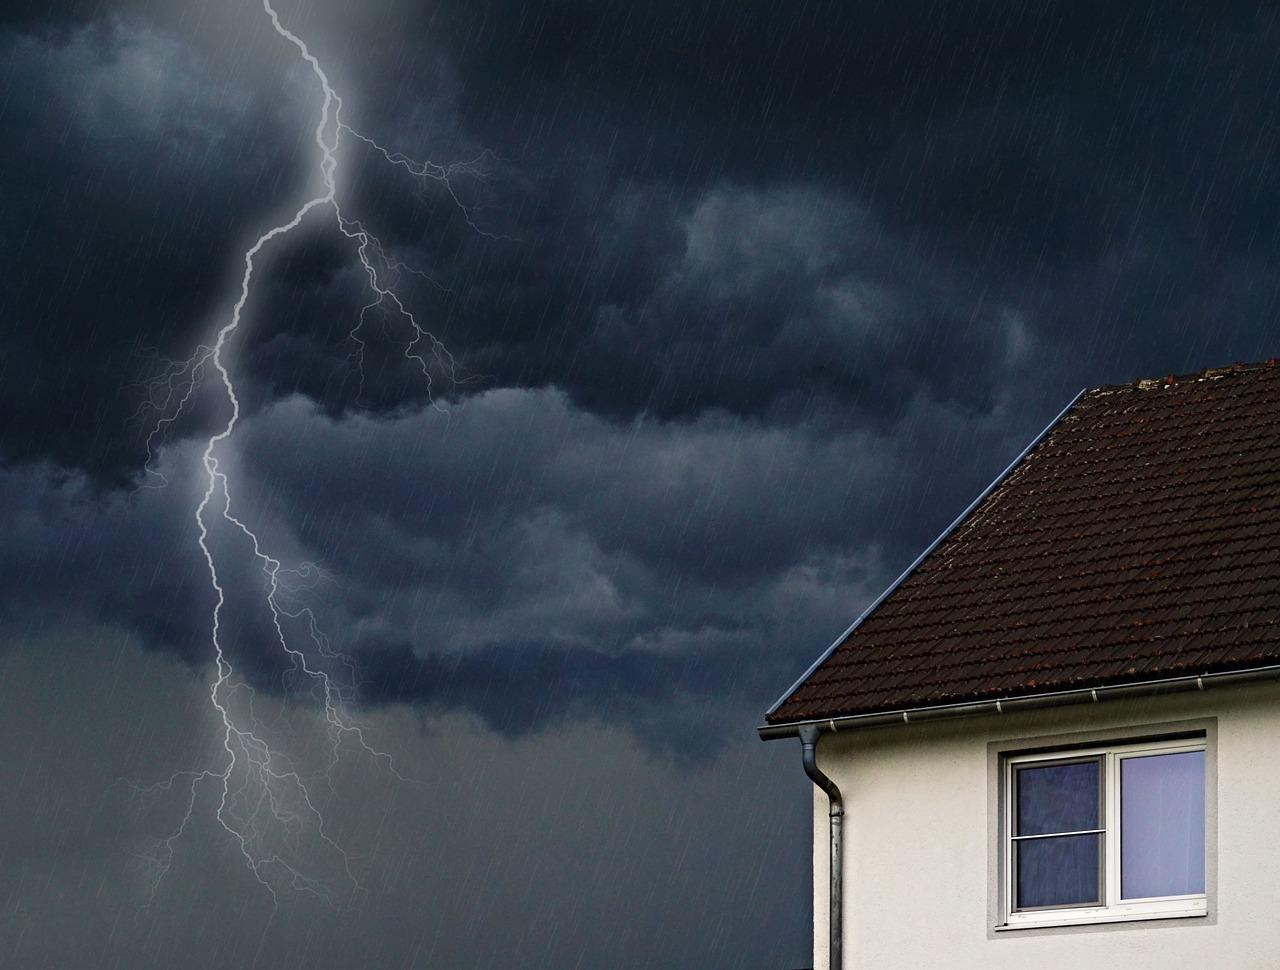 Zavarovanje hiše - Kje zavarovati hišo - zavarovalnice za zavarovanje hiše